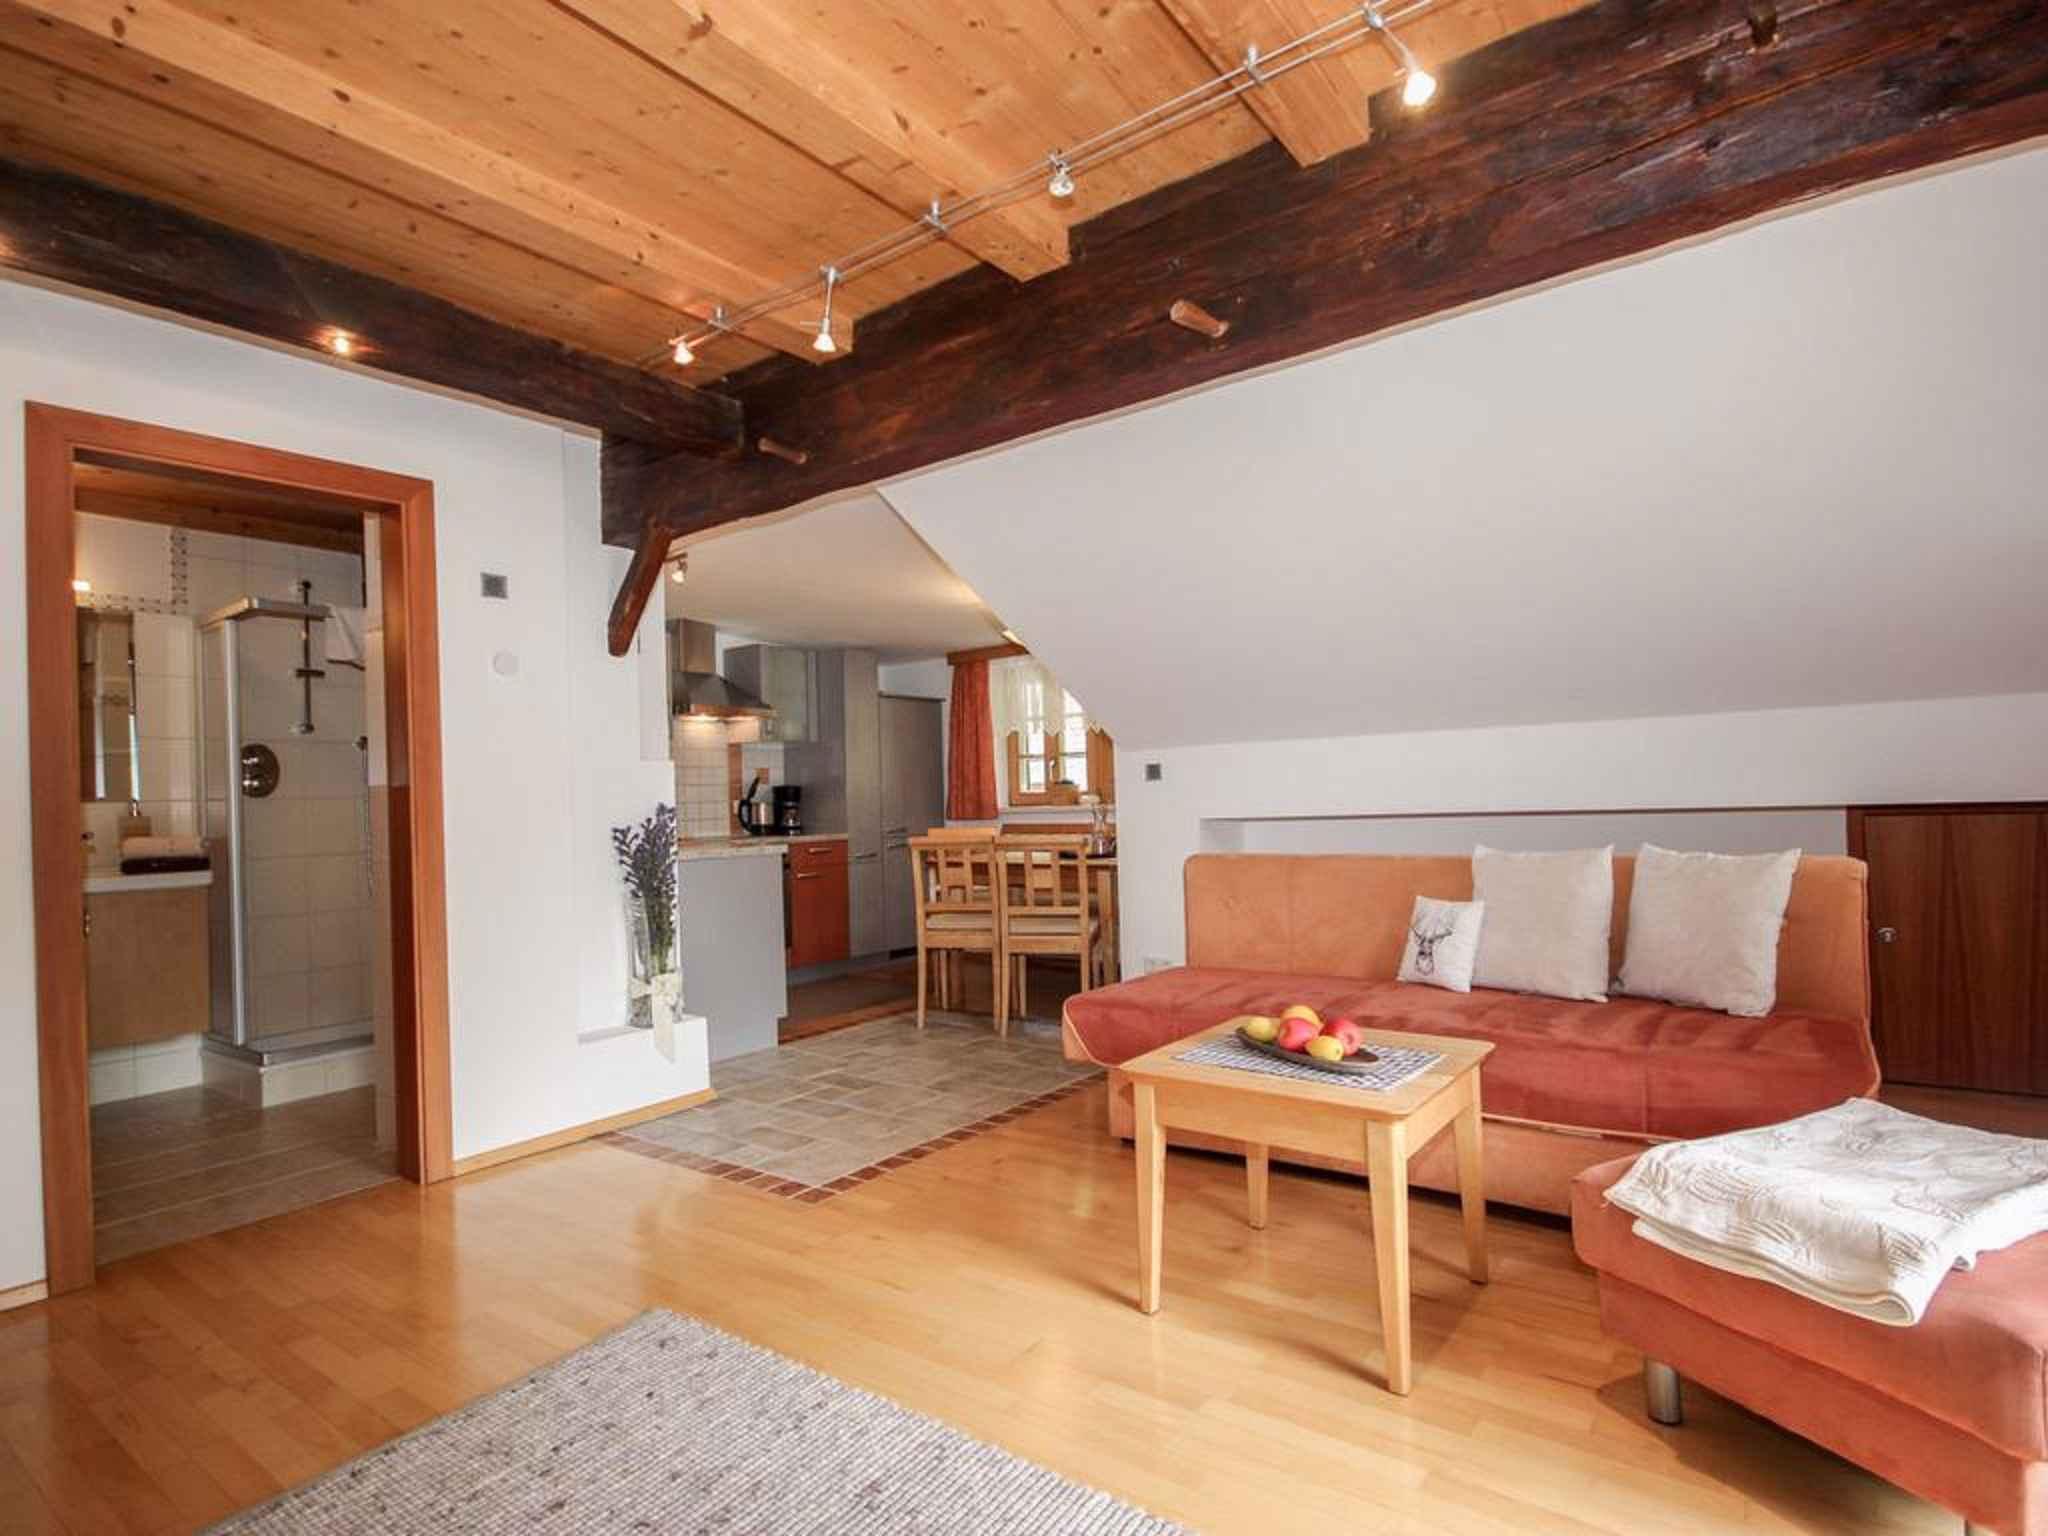 Ferienwohnung in einem über 300 Jahre alten Holzhaus (283707), Sölden (AT), Ötztal, Tirol, Österreich, Bild 24